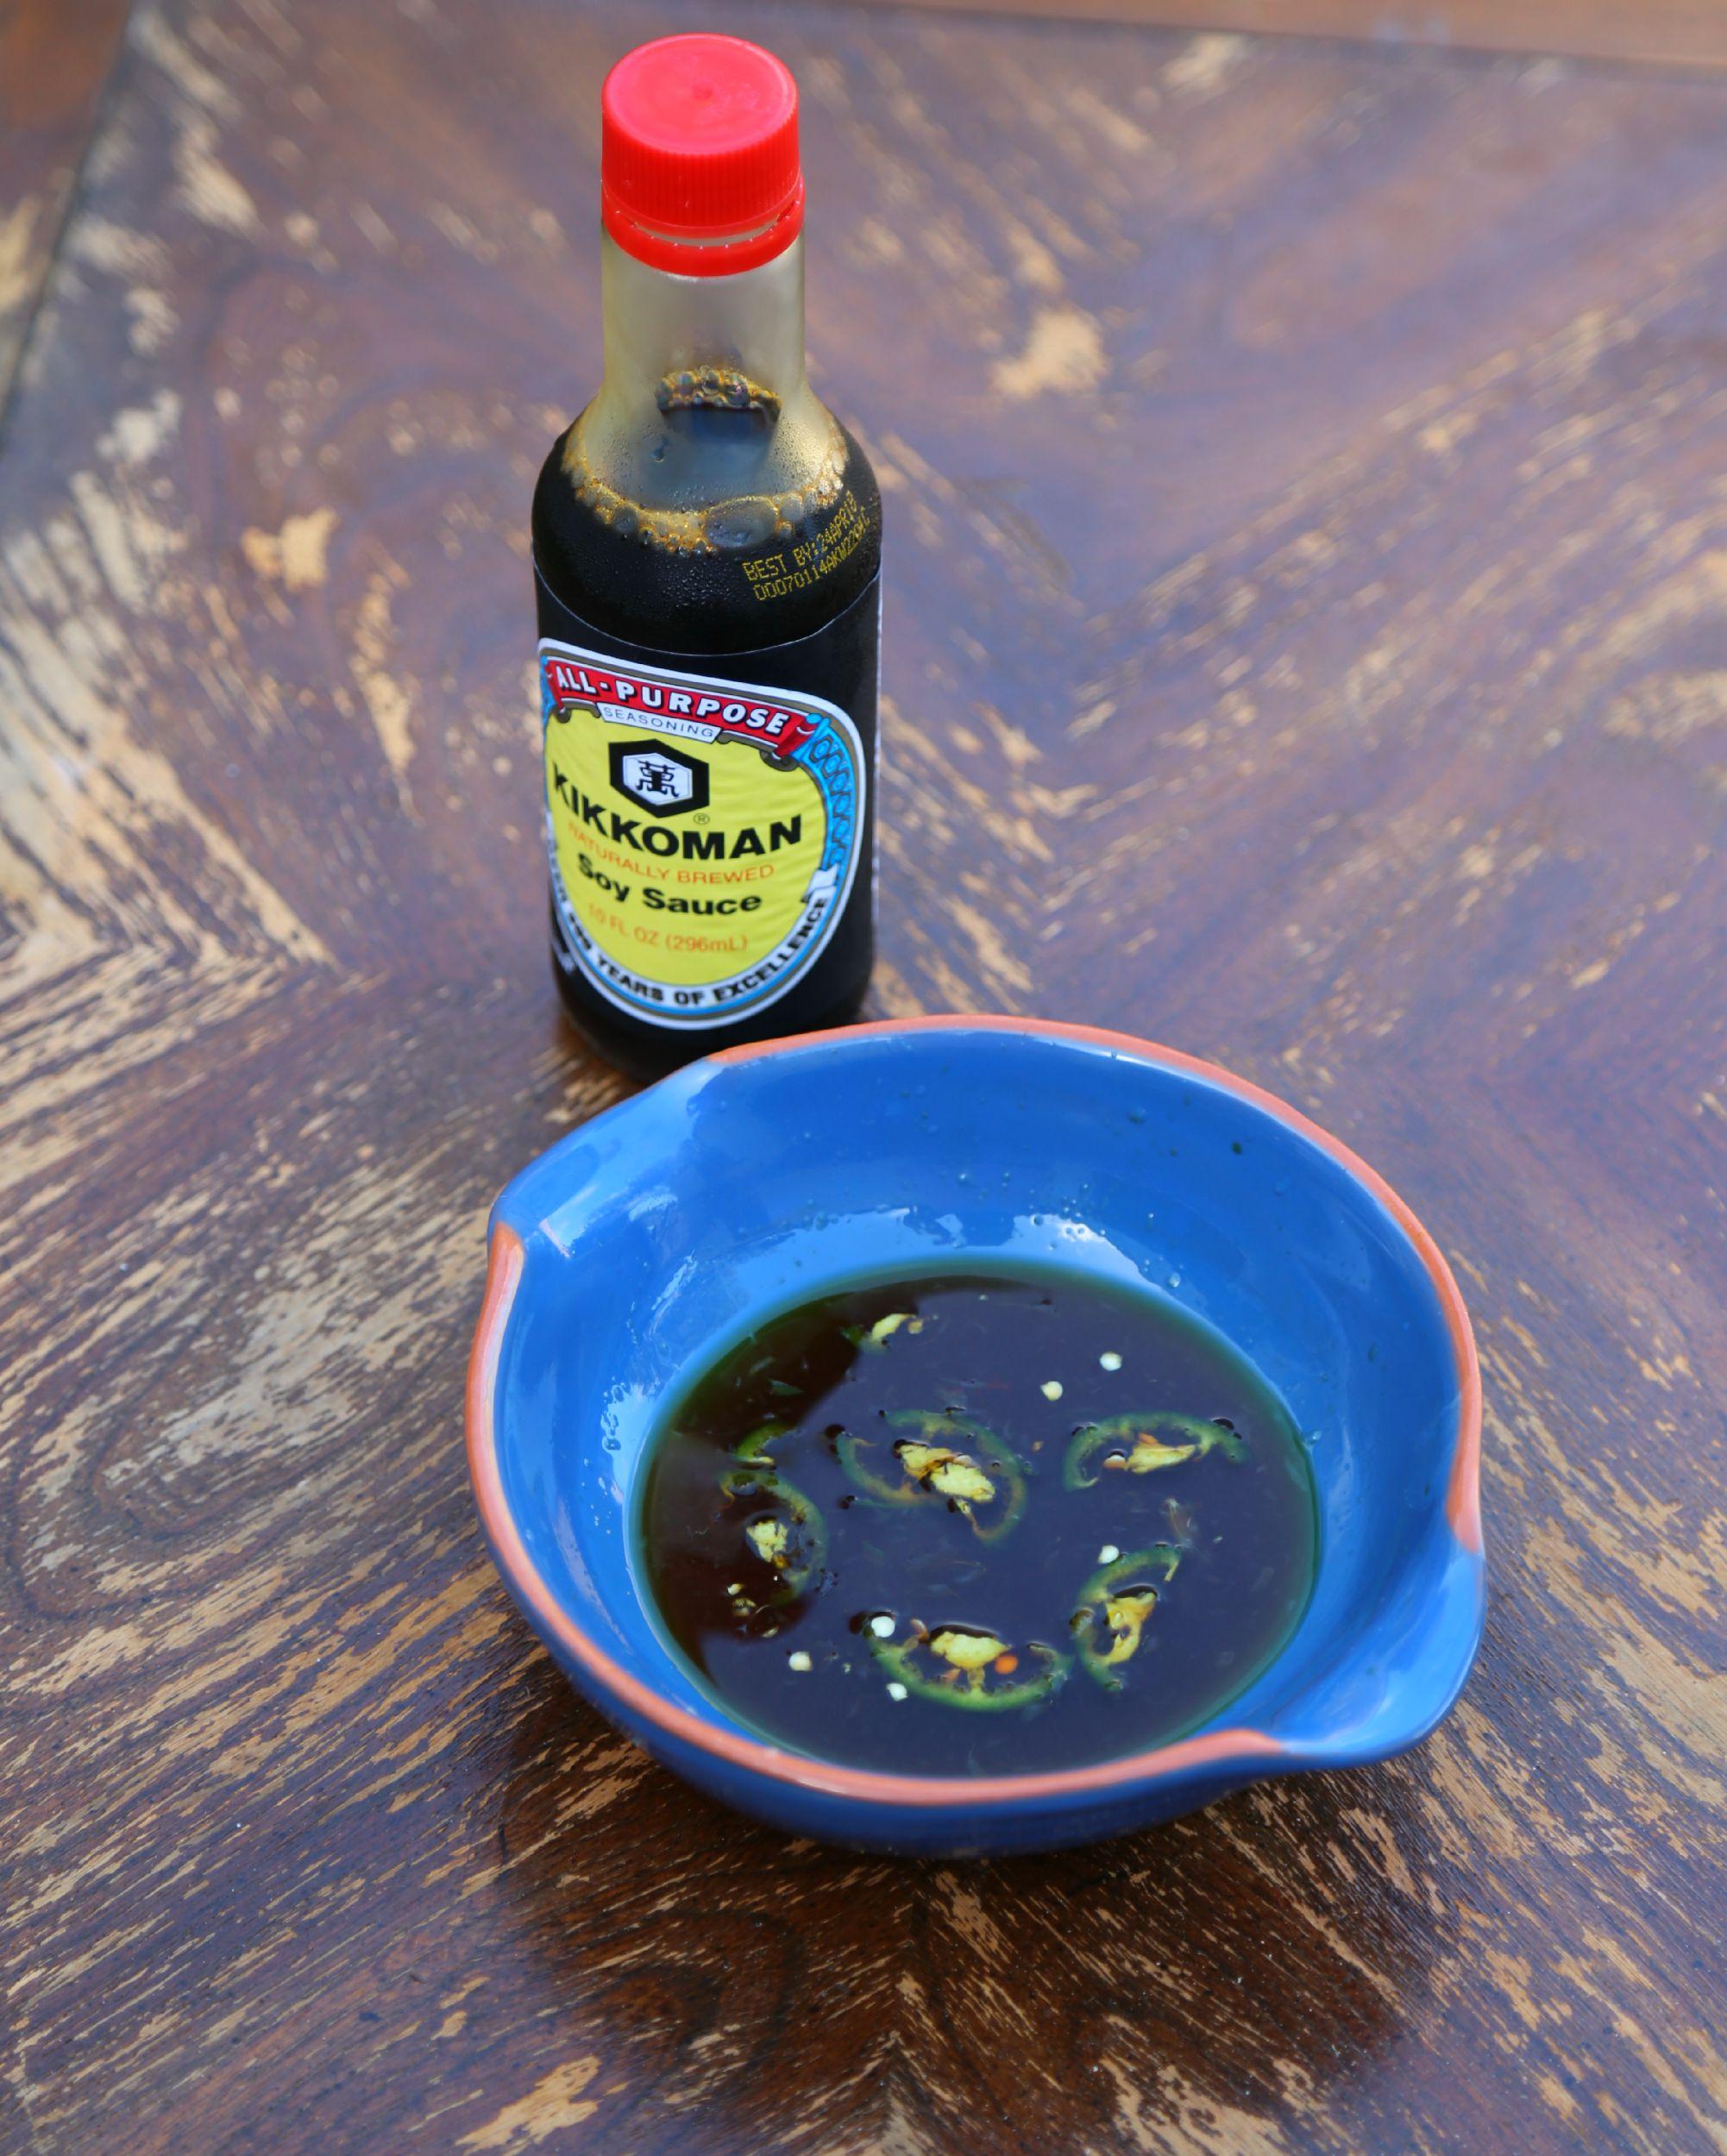 kikkoman-salad-dressing-recipe-vianneyrodriguez-sweetlifebake